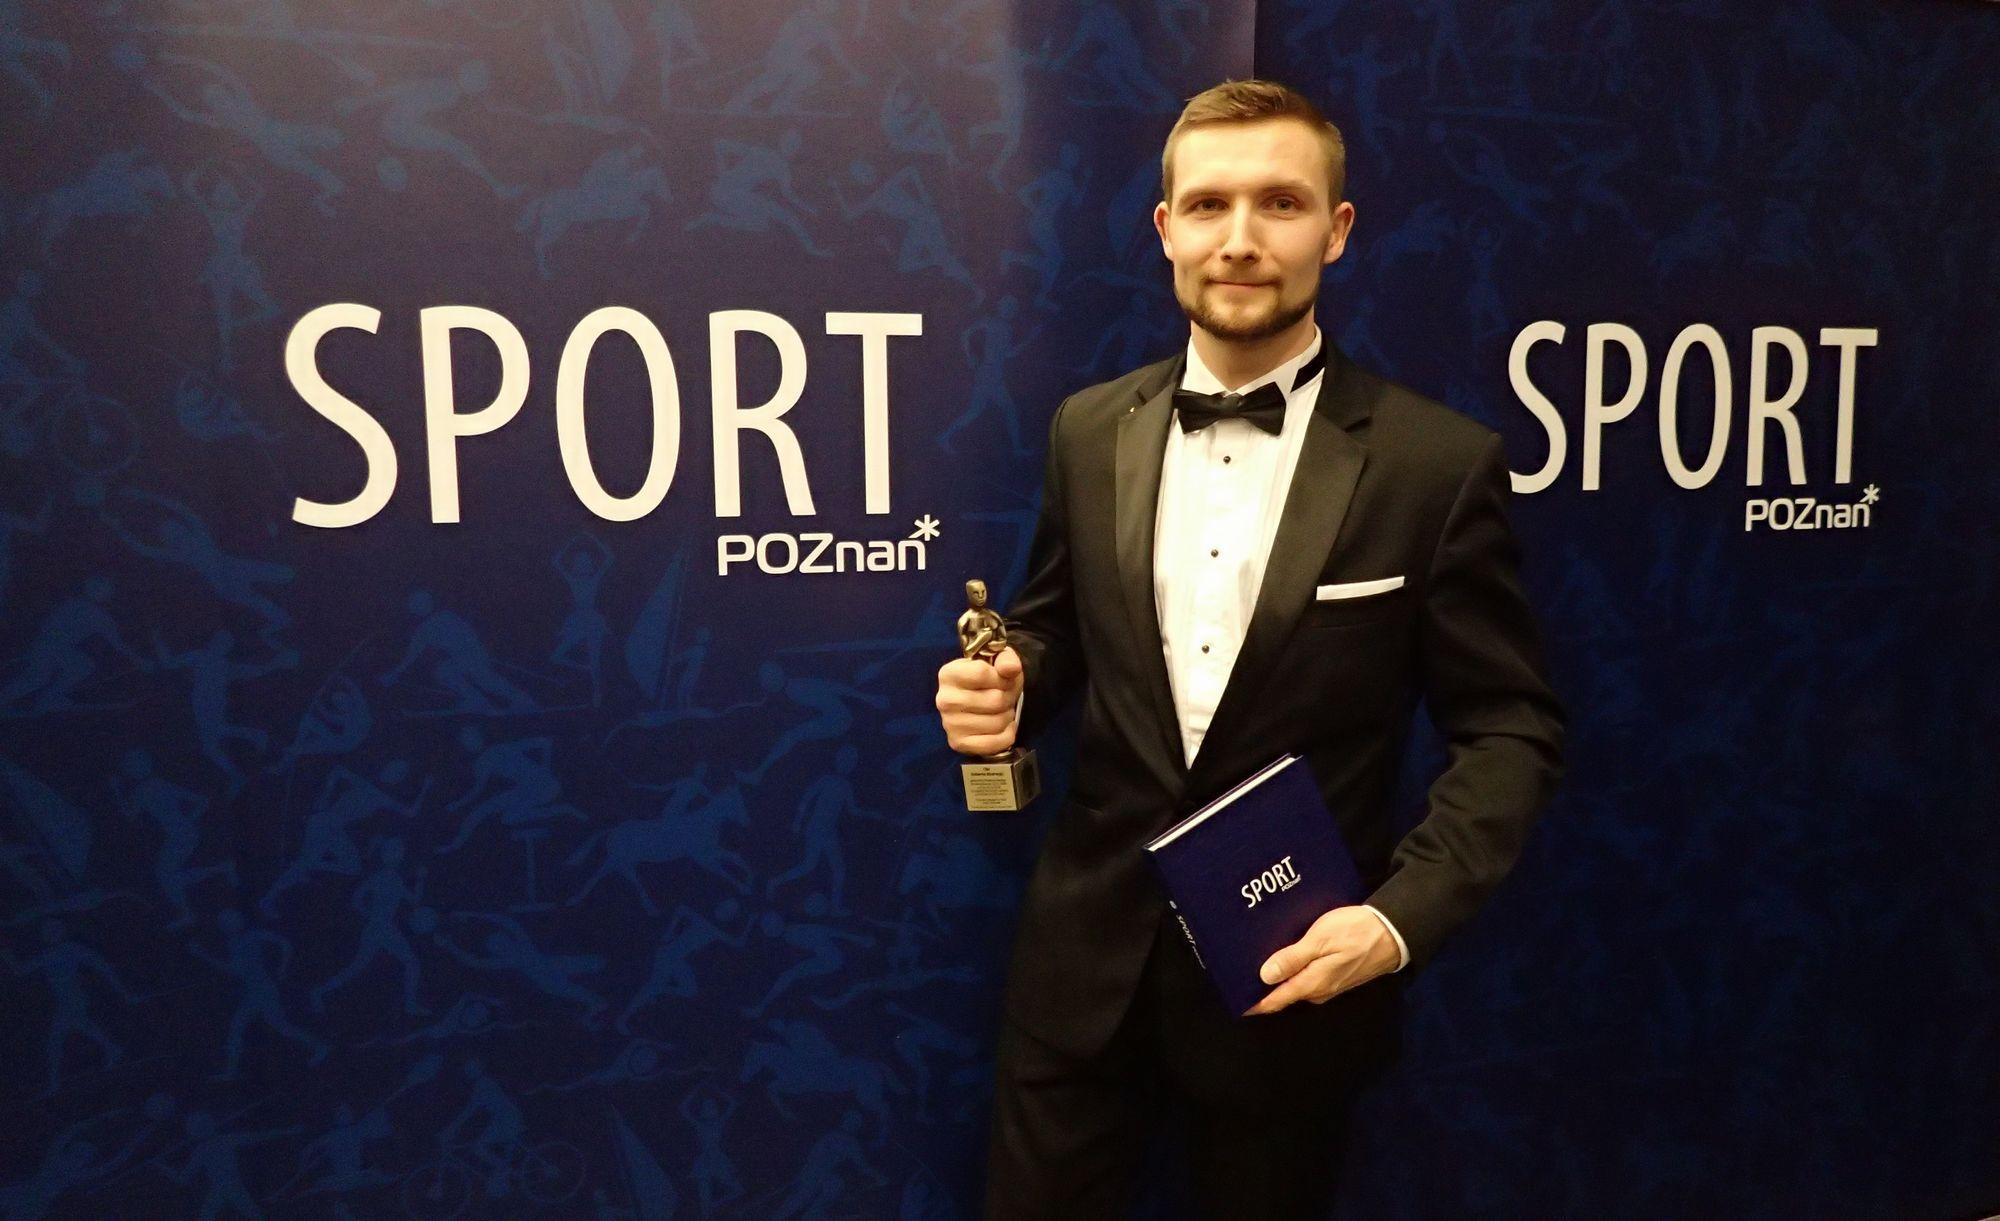 Poznańska Gala Sportu 2016 - WSSW - Robert Budny Wiecmistrz Świata Krav Maga - 13.01.2015 Poznań (9)